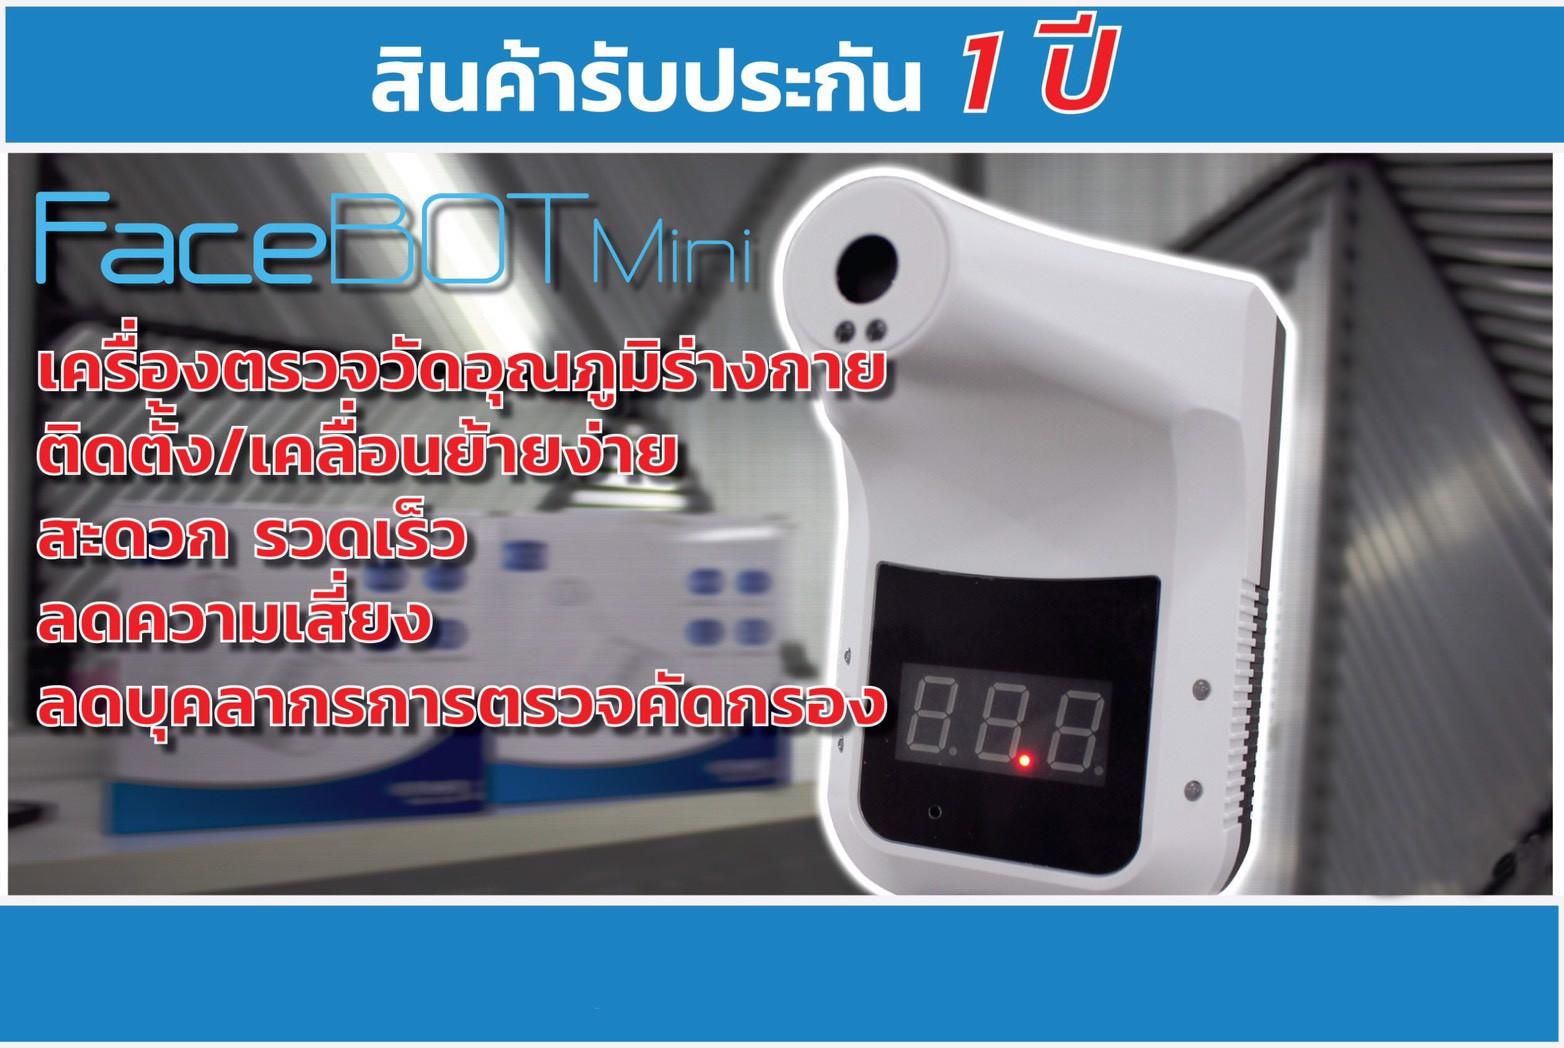 FaceBOT Mini เครื่องตรวจวัดอุณหภูมิร่างกาย